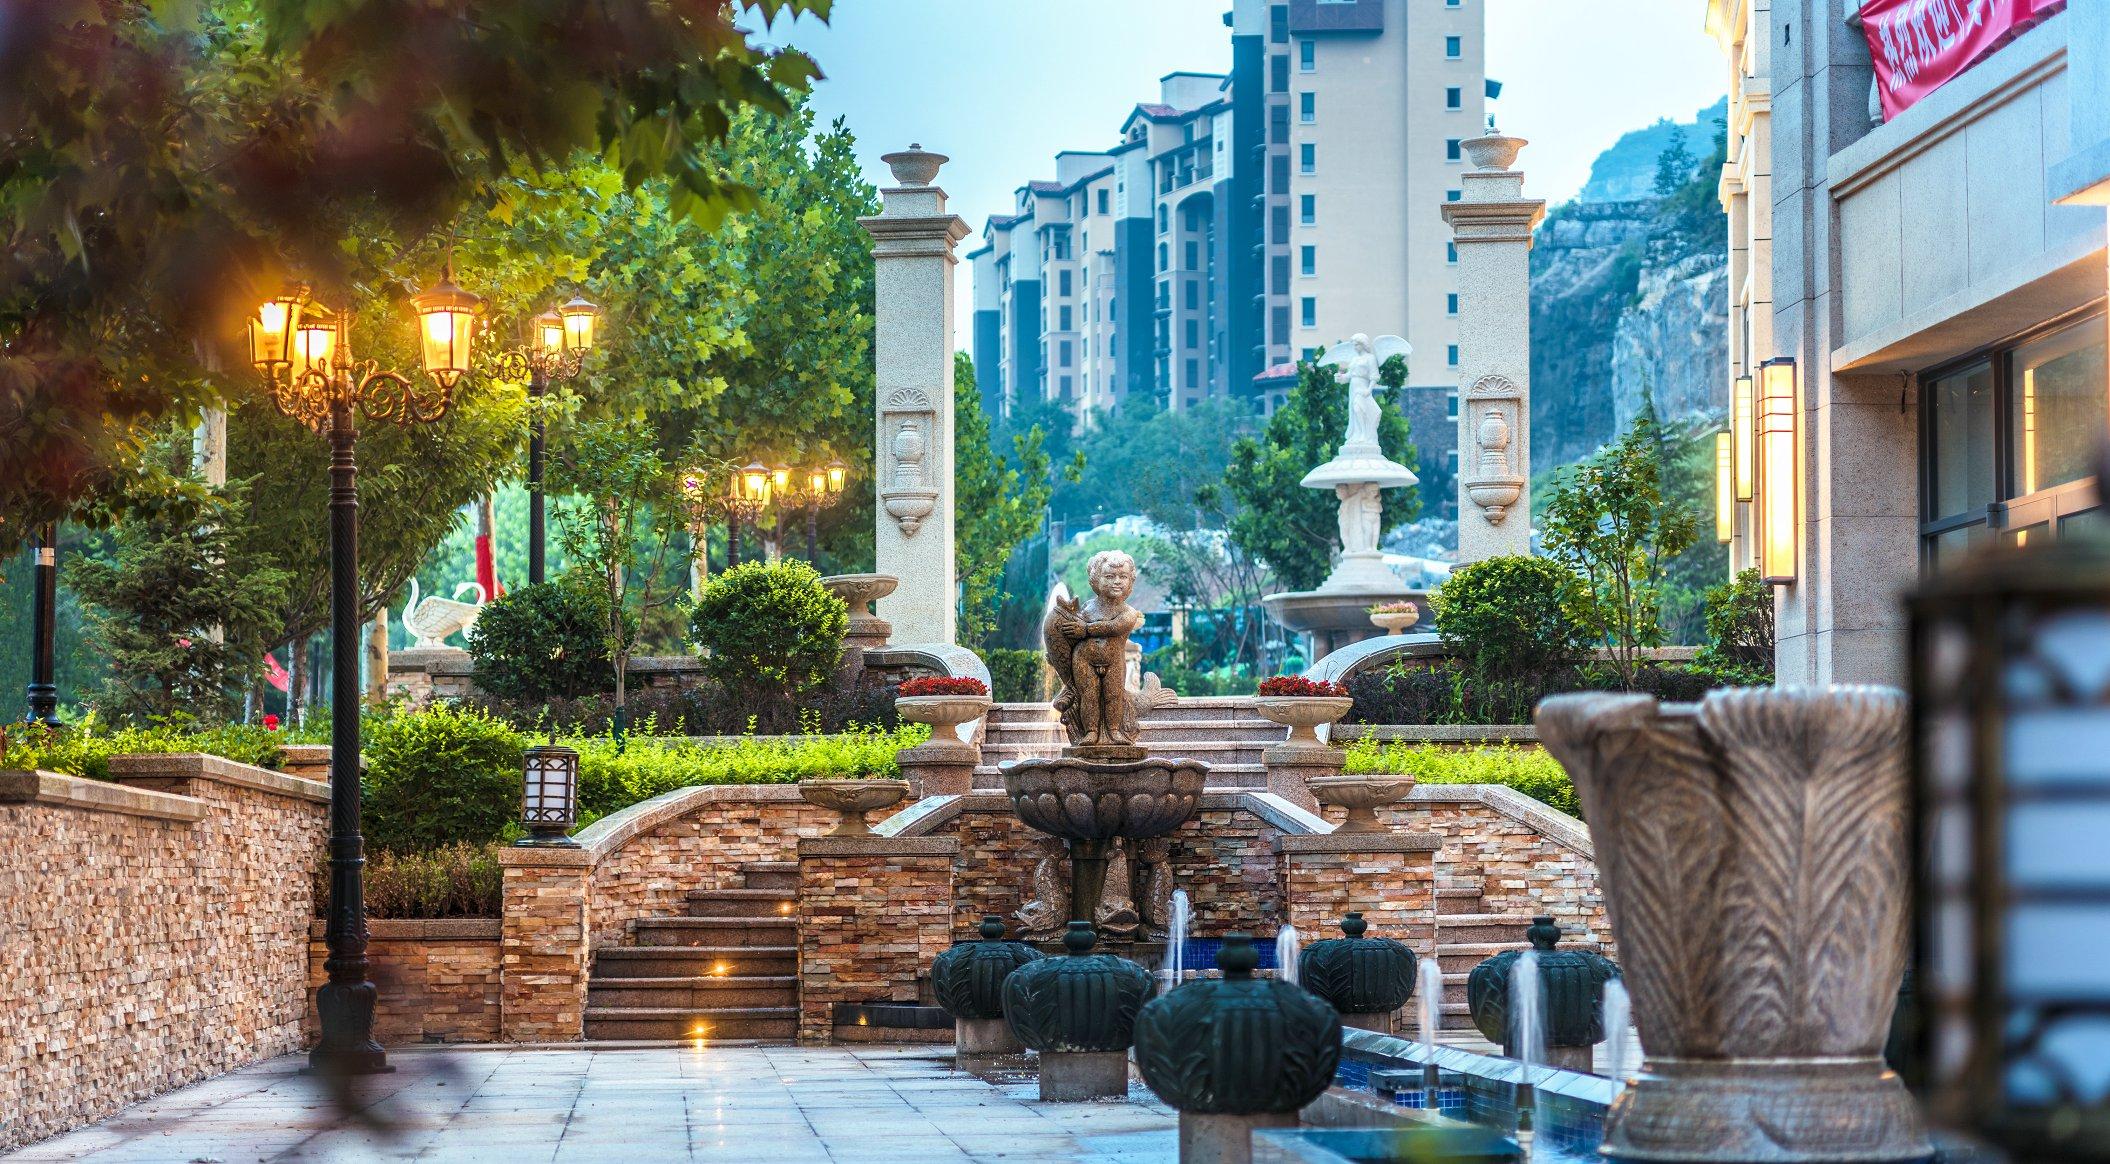 华银天鹅湖现房发售北京西开车50 直达交通便利